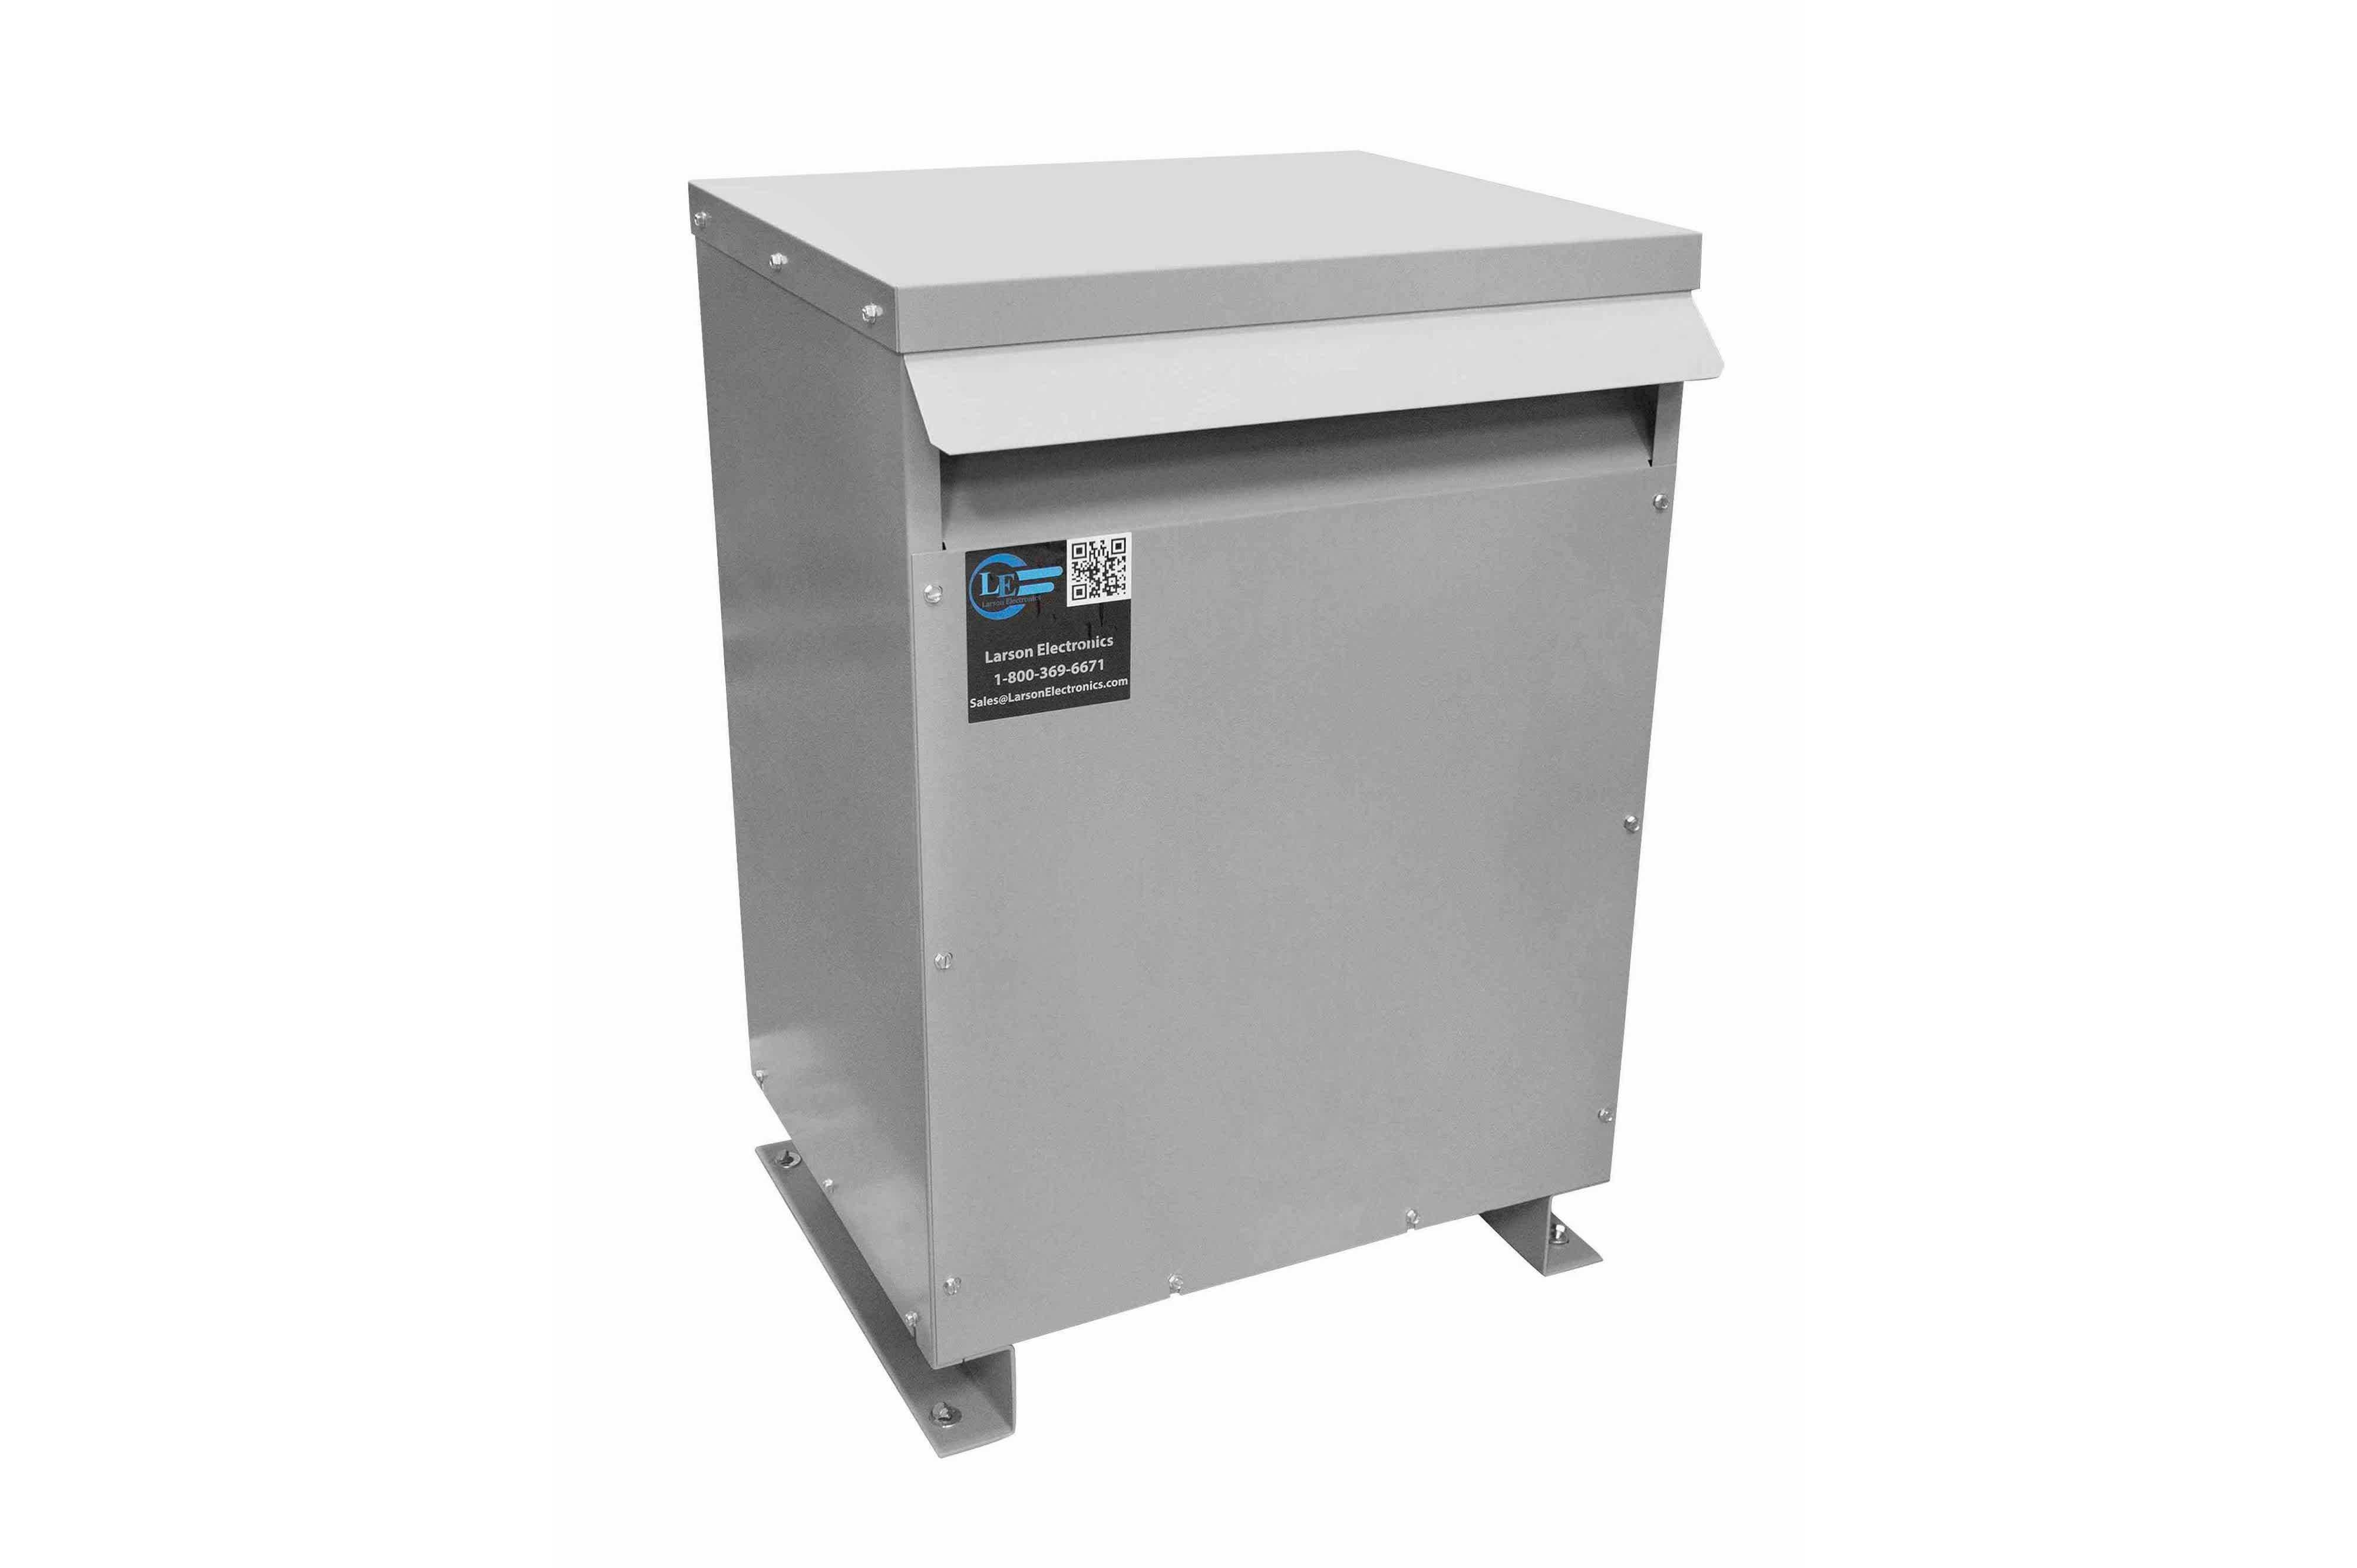 400 kVA 3PH Isolation Transformer, 600V Delta Primary, 400V Delta Secondary, N3R, Ventilated, 60 Hz